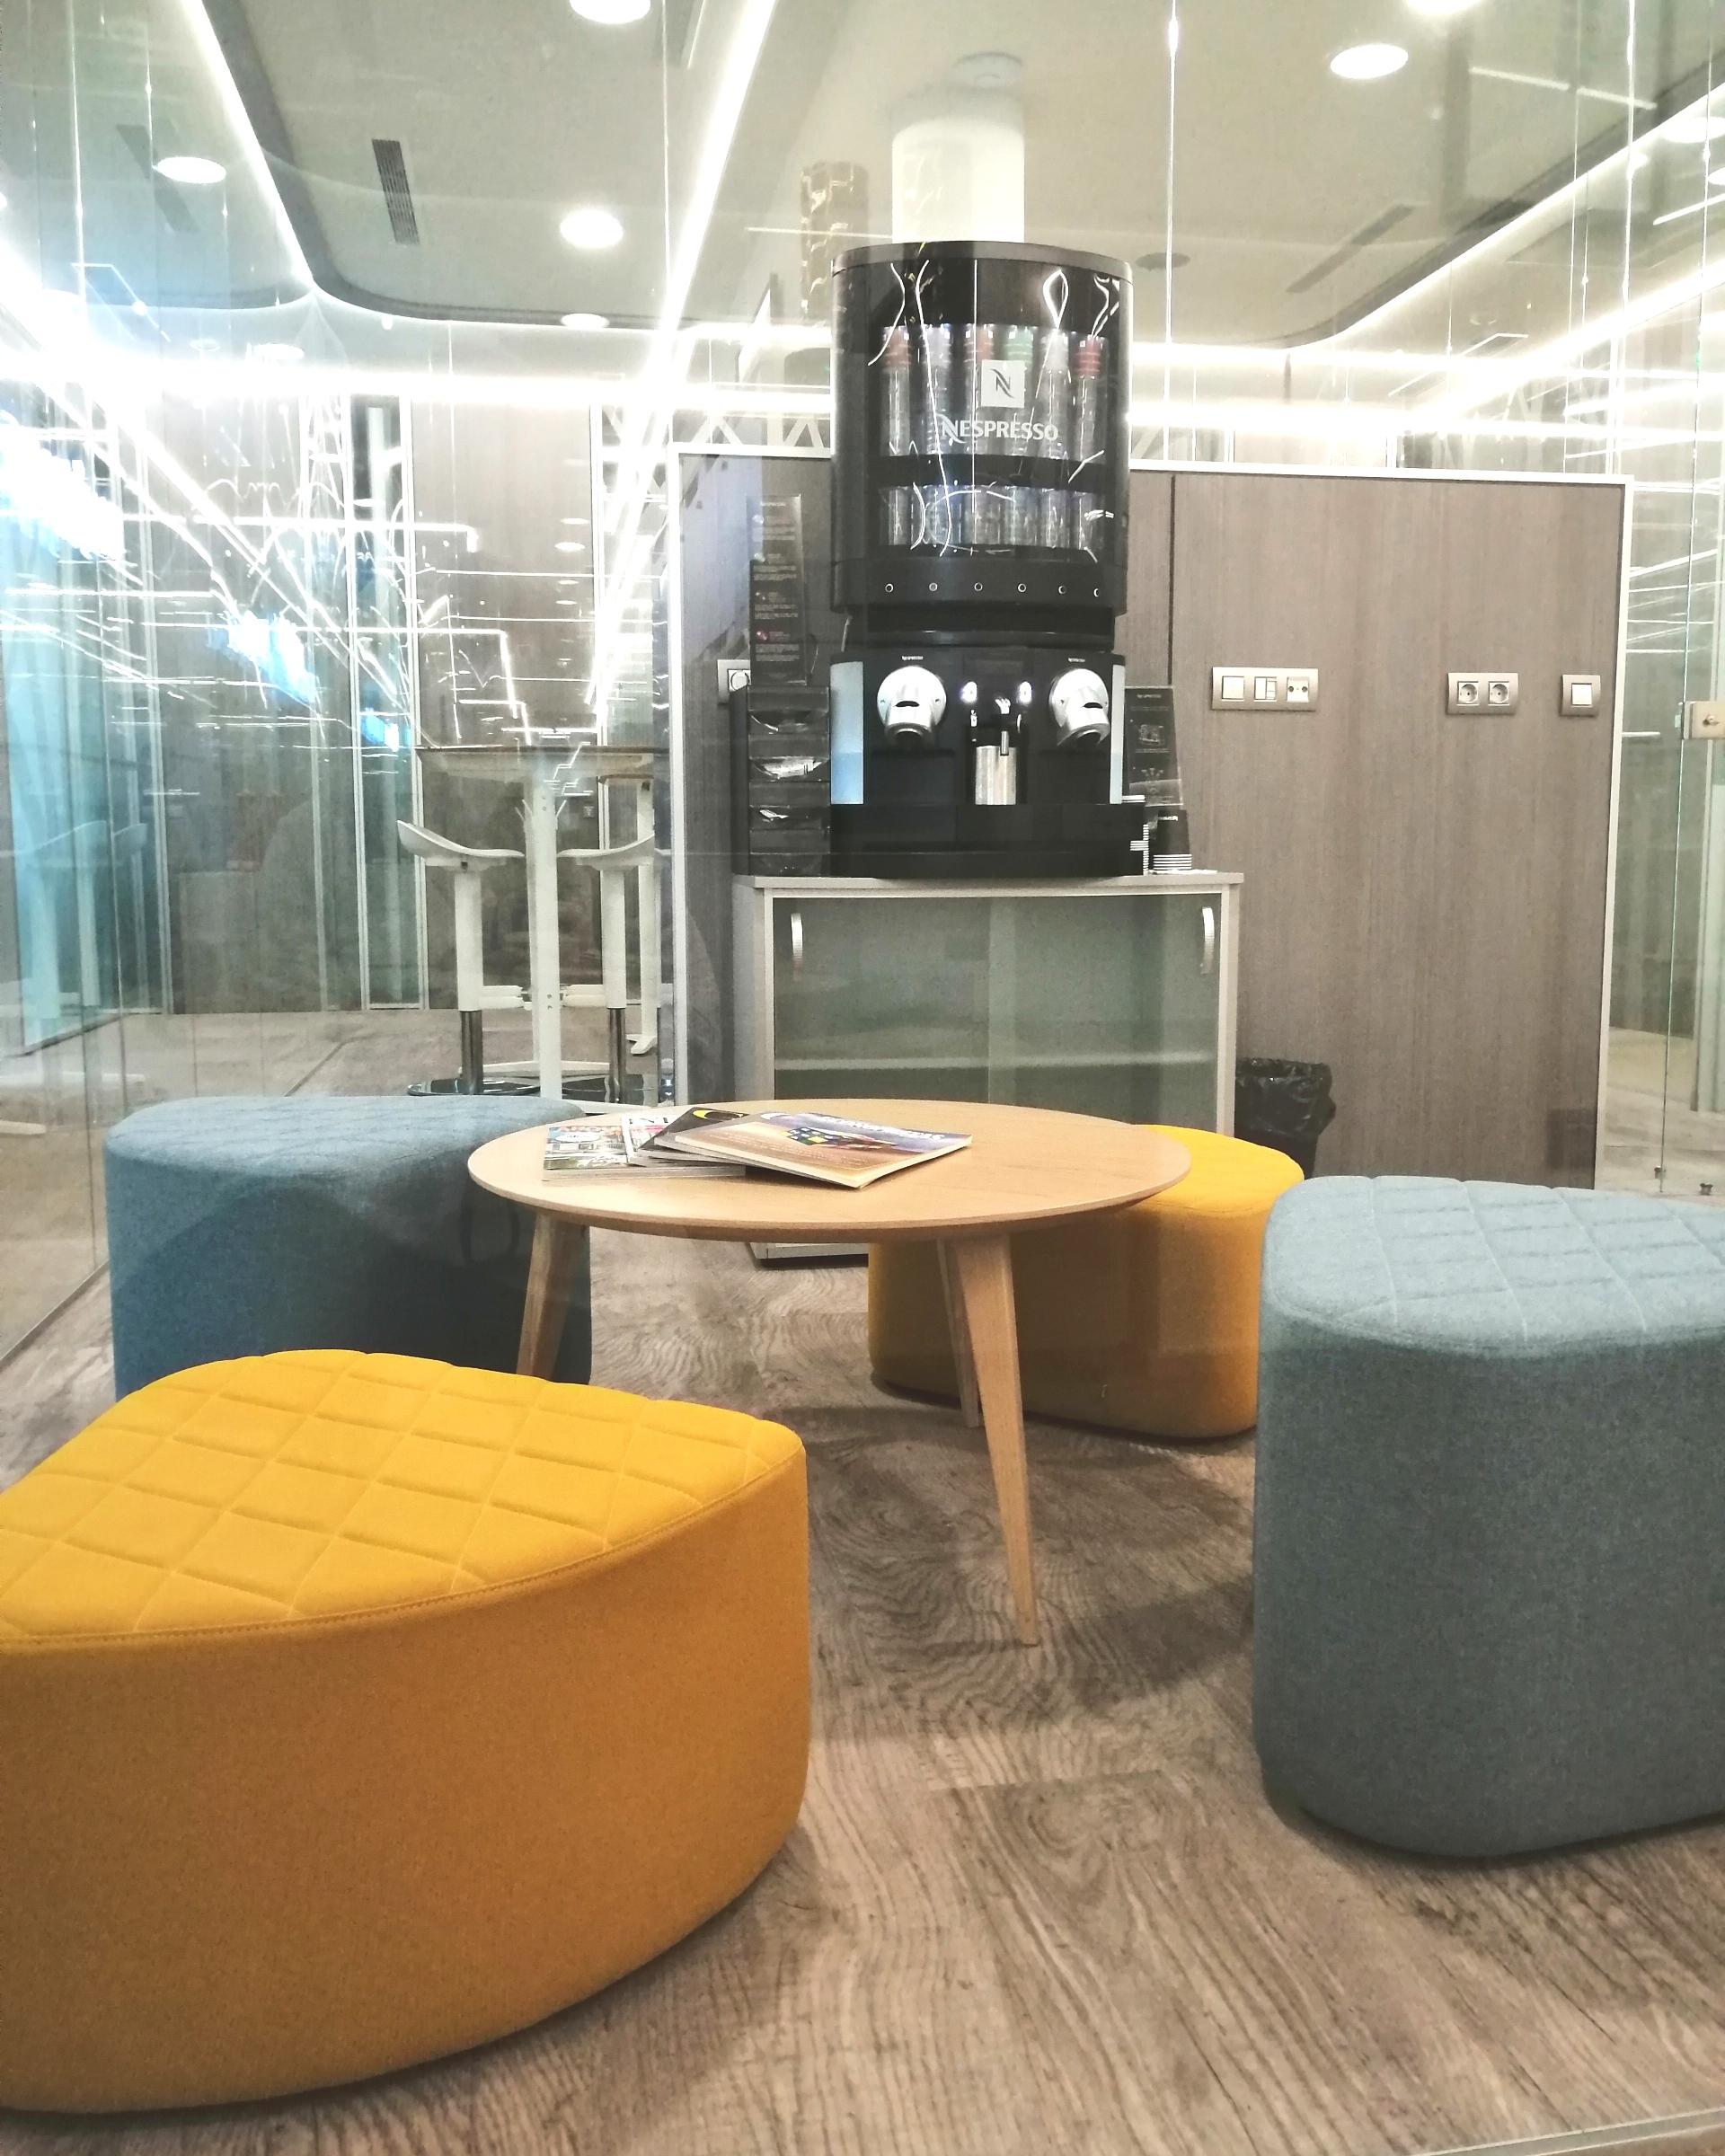 Espacios comunes adaptados a tus necesidades - Nuestro Business Center Bahía Space cuenta con distintos espacios diferenciados y diseñados para adaptarse a tu forma de trabajar:- Business Space- Coworking- Lounge SpaceVer espacios comunes >